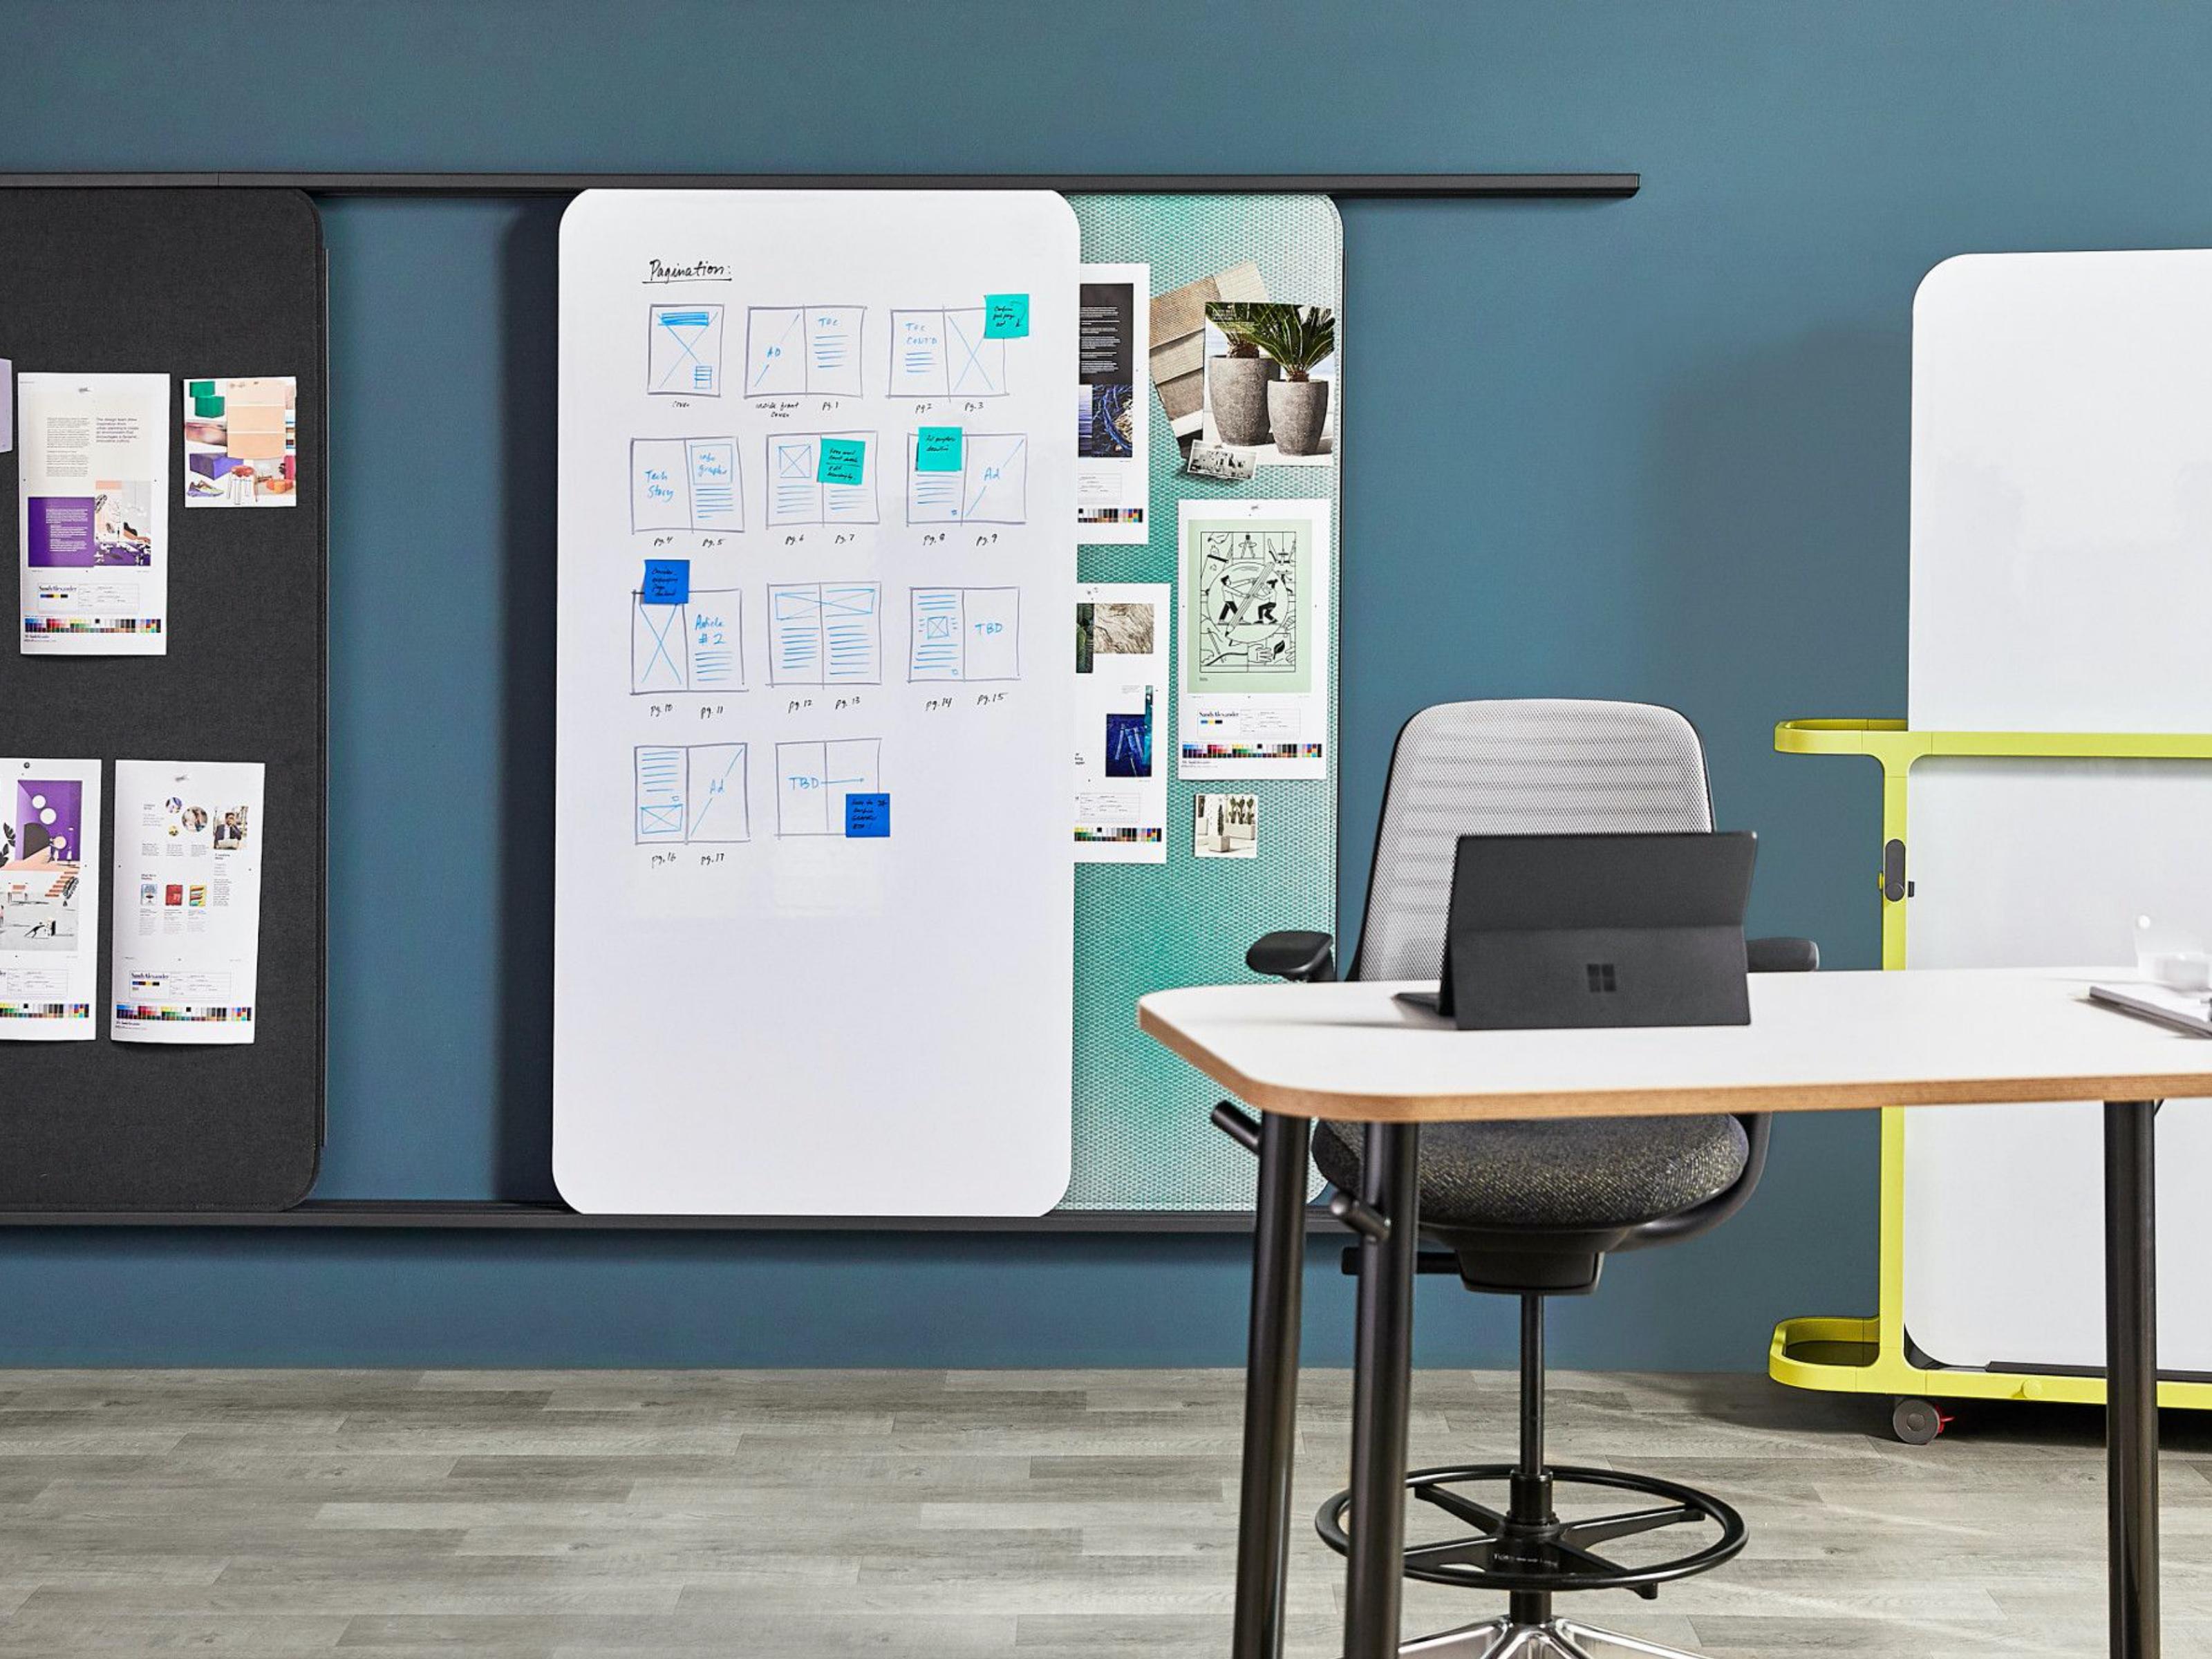 Steelcase Flex Whiteboard Solutions